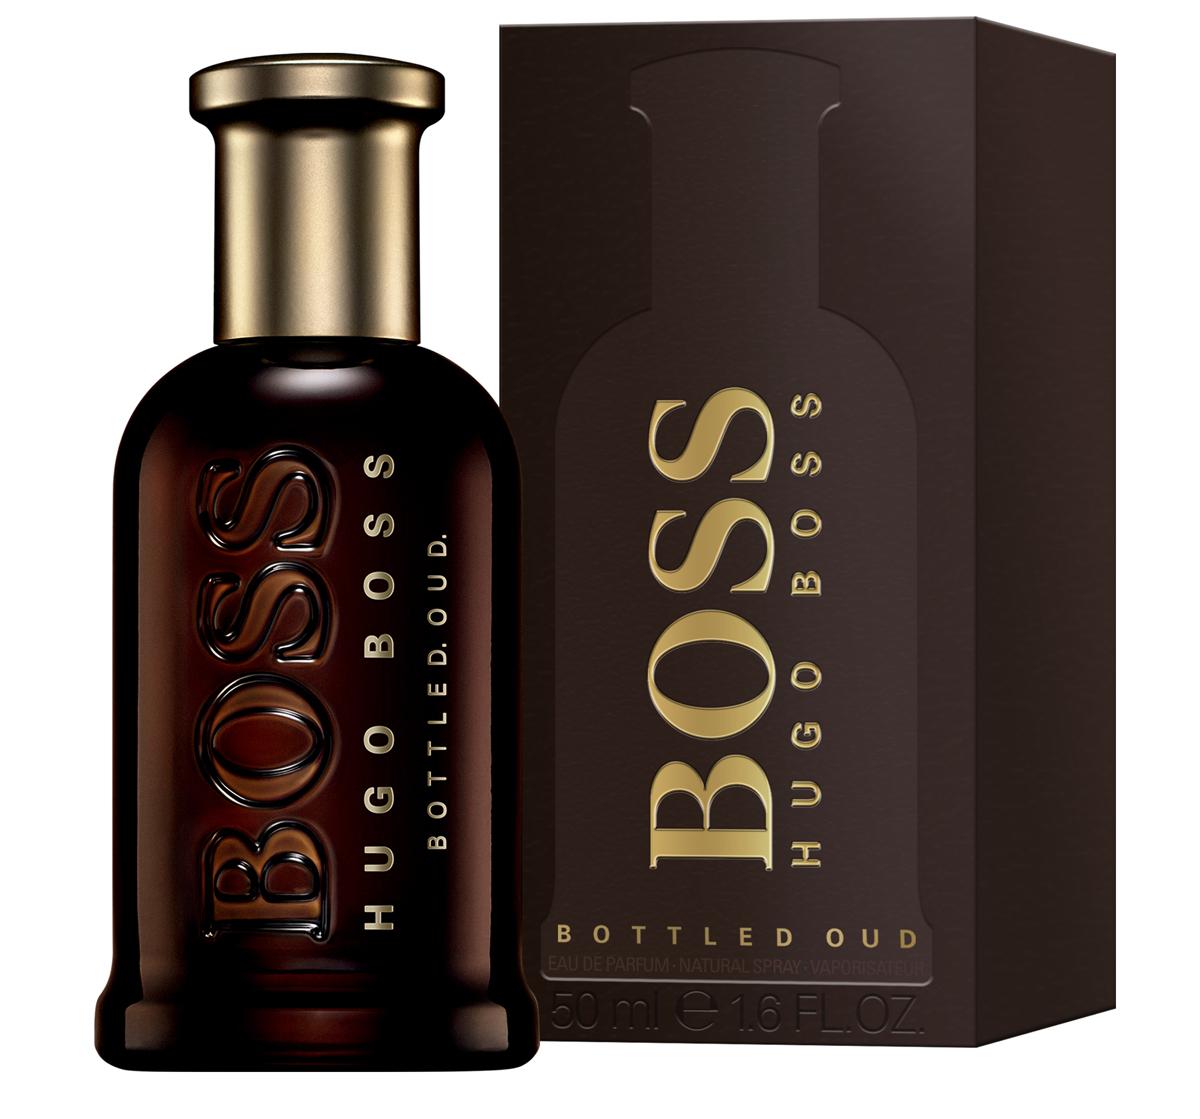 Hugo Boss Bottled Oud Парфюмерная вода мужская 50 мл0737052933221Boss Bottled Oud – глубокий, густой, обволакивающий и мистический по своему звучанию мужской восточно-древесный парфюм с бархатистыми пряными акцентами, выпущенный в 2015 году немецким модным брендом Hugo Boss. Аромат является своеобразным подарком всем любителем аромата уда. Считающийся священным на Востоке, уд последнее время начал свое победное шествие и в западной парфюмерии. Однако очень густой, дымно-сладкий аромат, столь популярный на Востоке непривычен для европейцев. Поэтому парфюмерам приходится облегчать его с помощью других ароматических ингредиентов, заставляя звучать более легко и непринужденно, как это принято в европейских парфюмерных традициях. Таким вот ароматом, стоящим одновременно на восточных и европейских традициях, и стал новый парфюм от Хьюго Босс. В нем сладковато-дымный, пряный уд буквально растворяется в бархатистых нотах корицы и горьковато-пряном шафране, будучи дополненным тонким древесно-сливочным аромата светлой древесины.